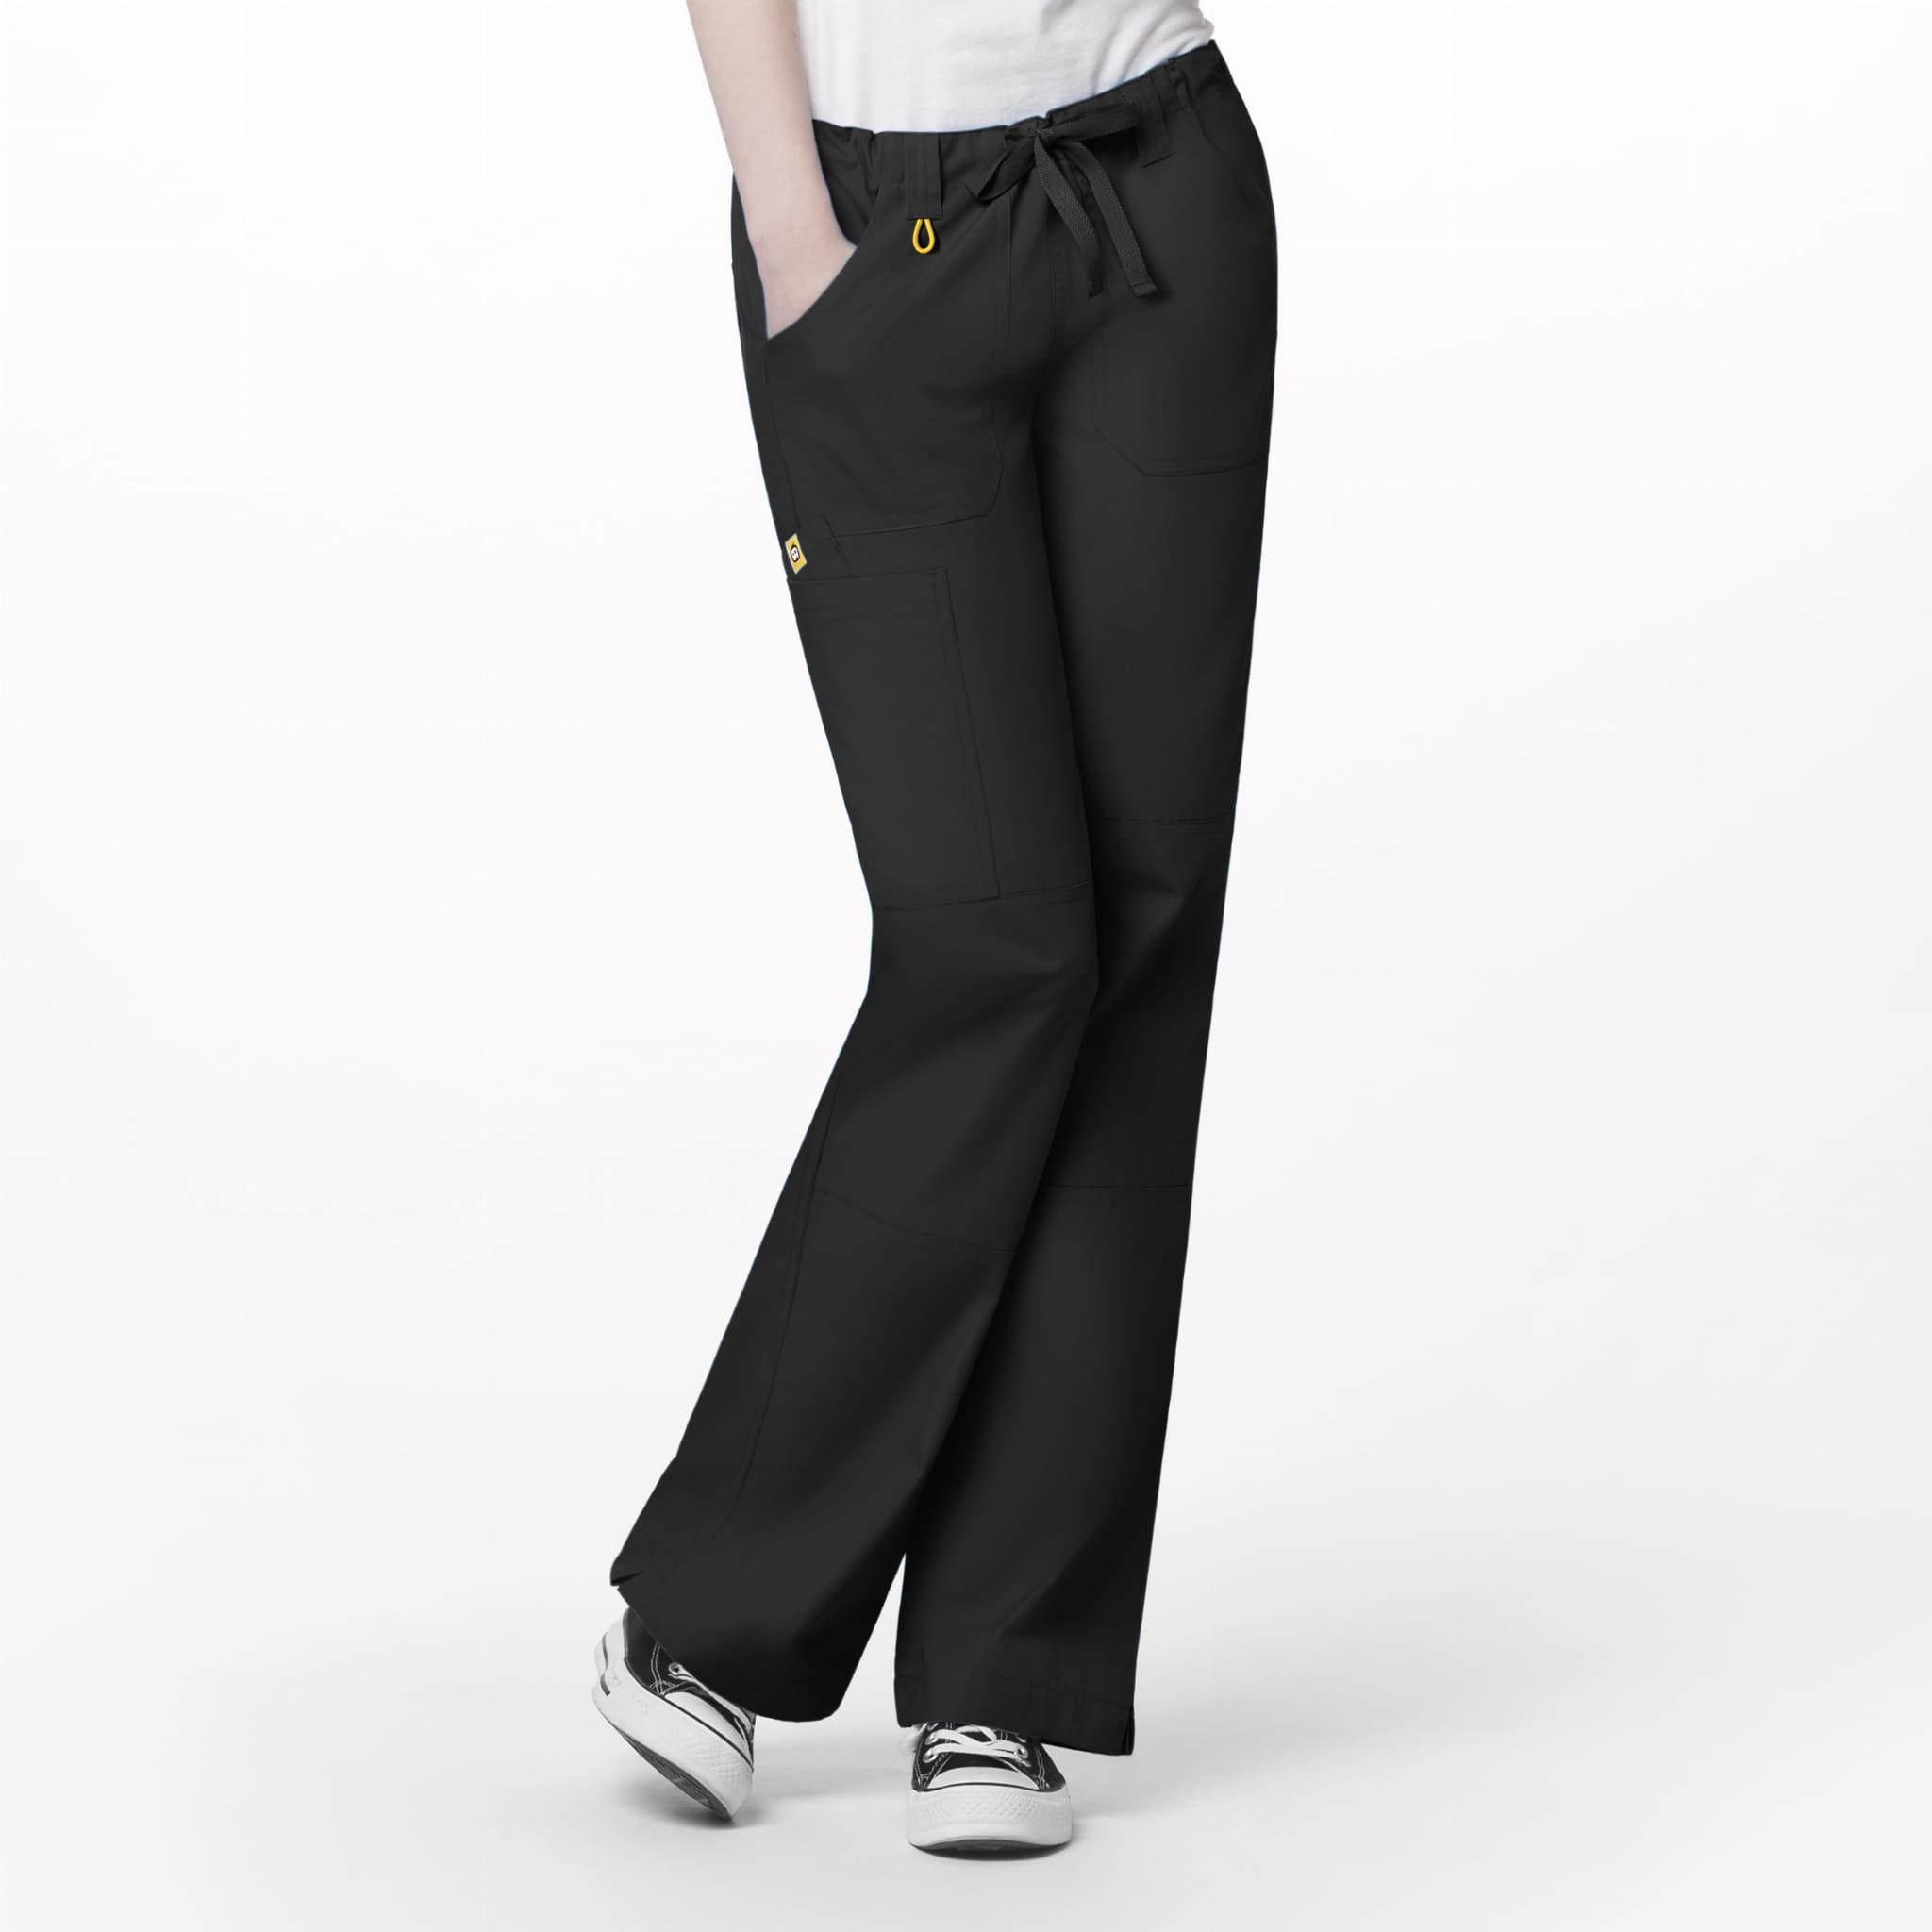 Spodnie medyczne damskie Origins 5066 (gumka+troczek)